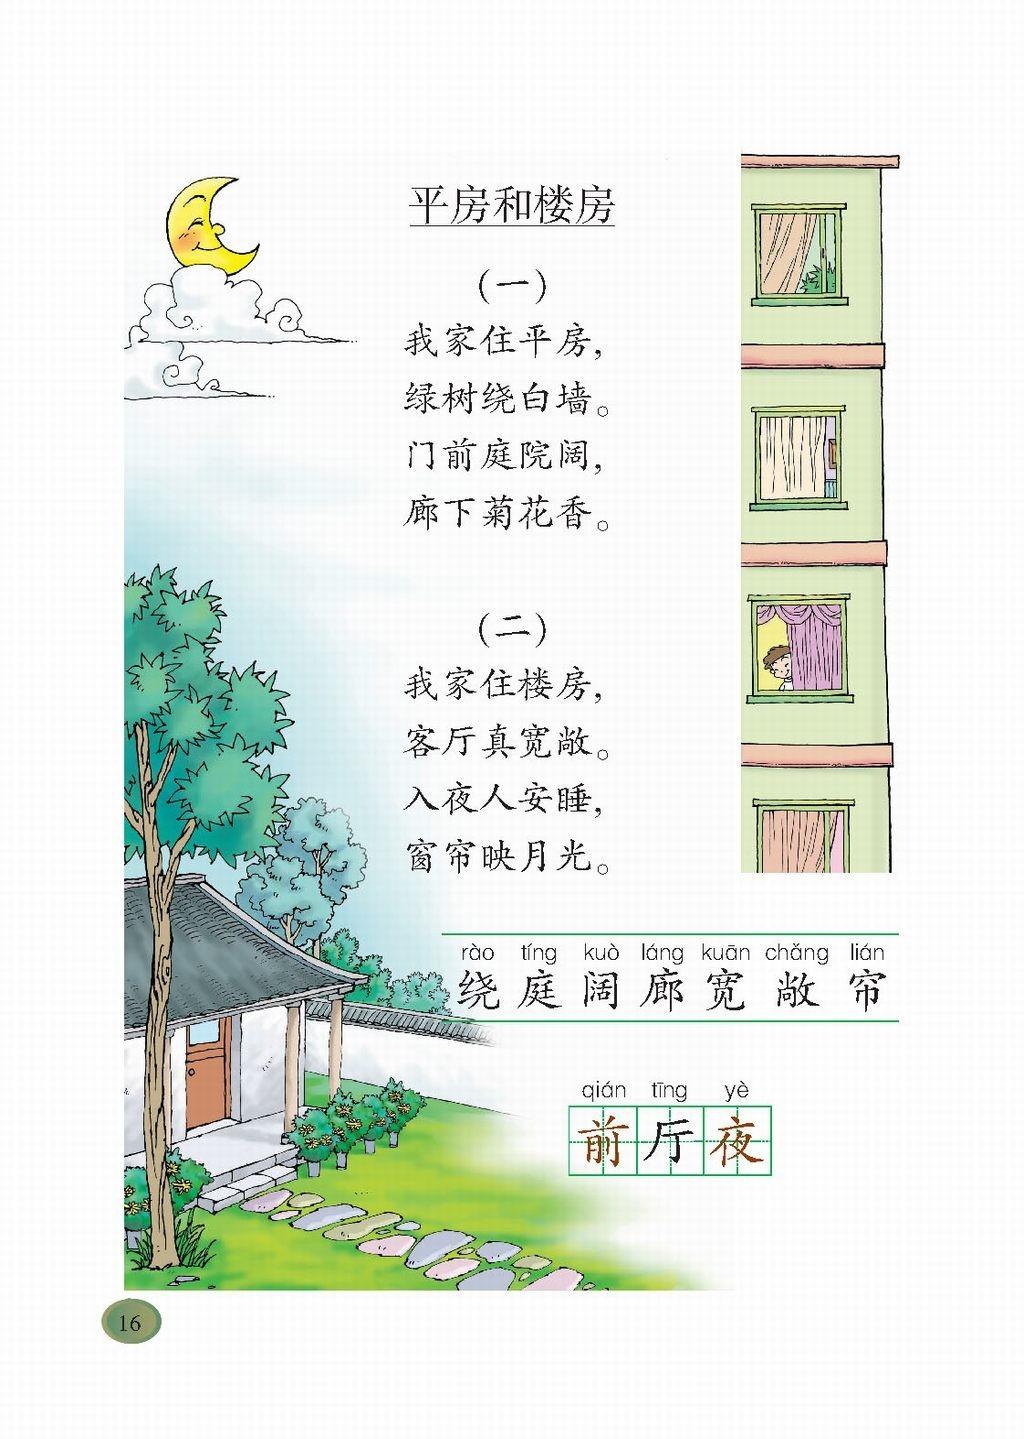 北师大版二年级语文下册第3单元 丁丁冬冬学识字(一)